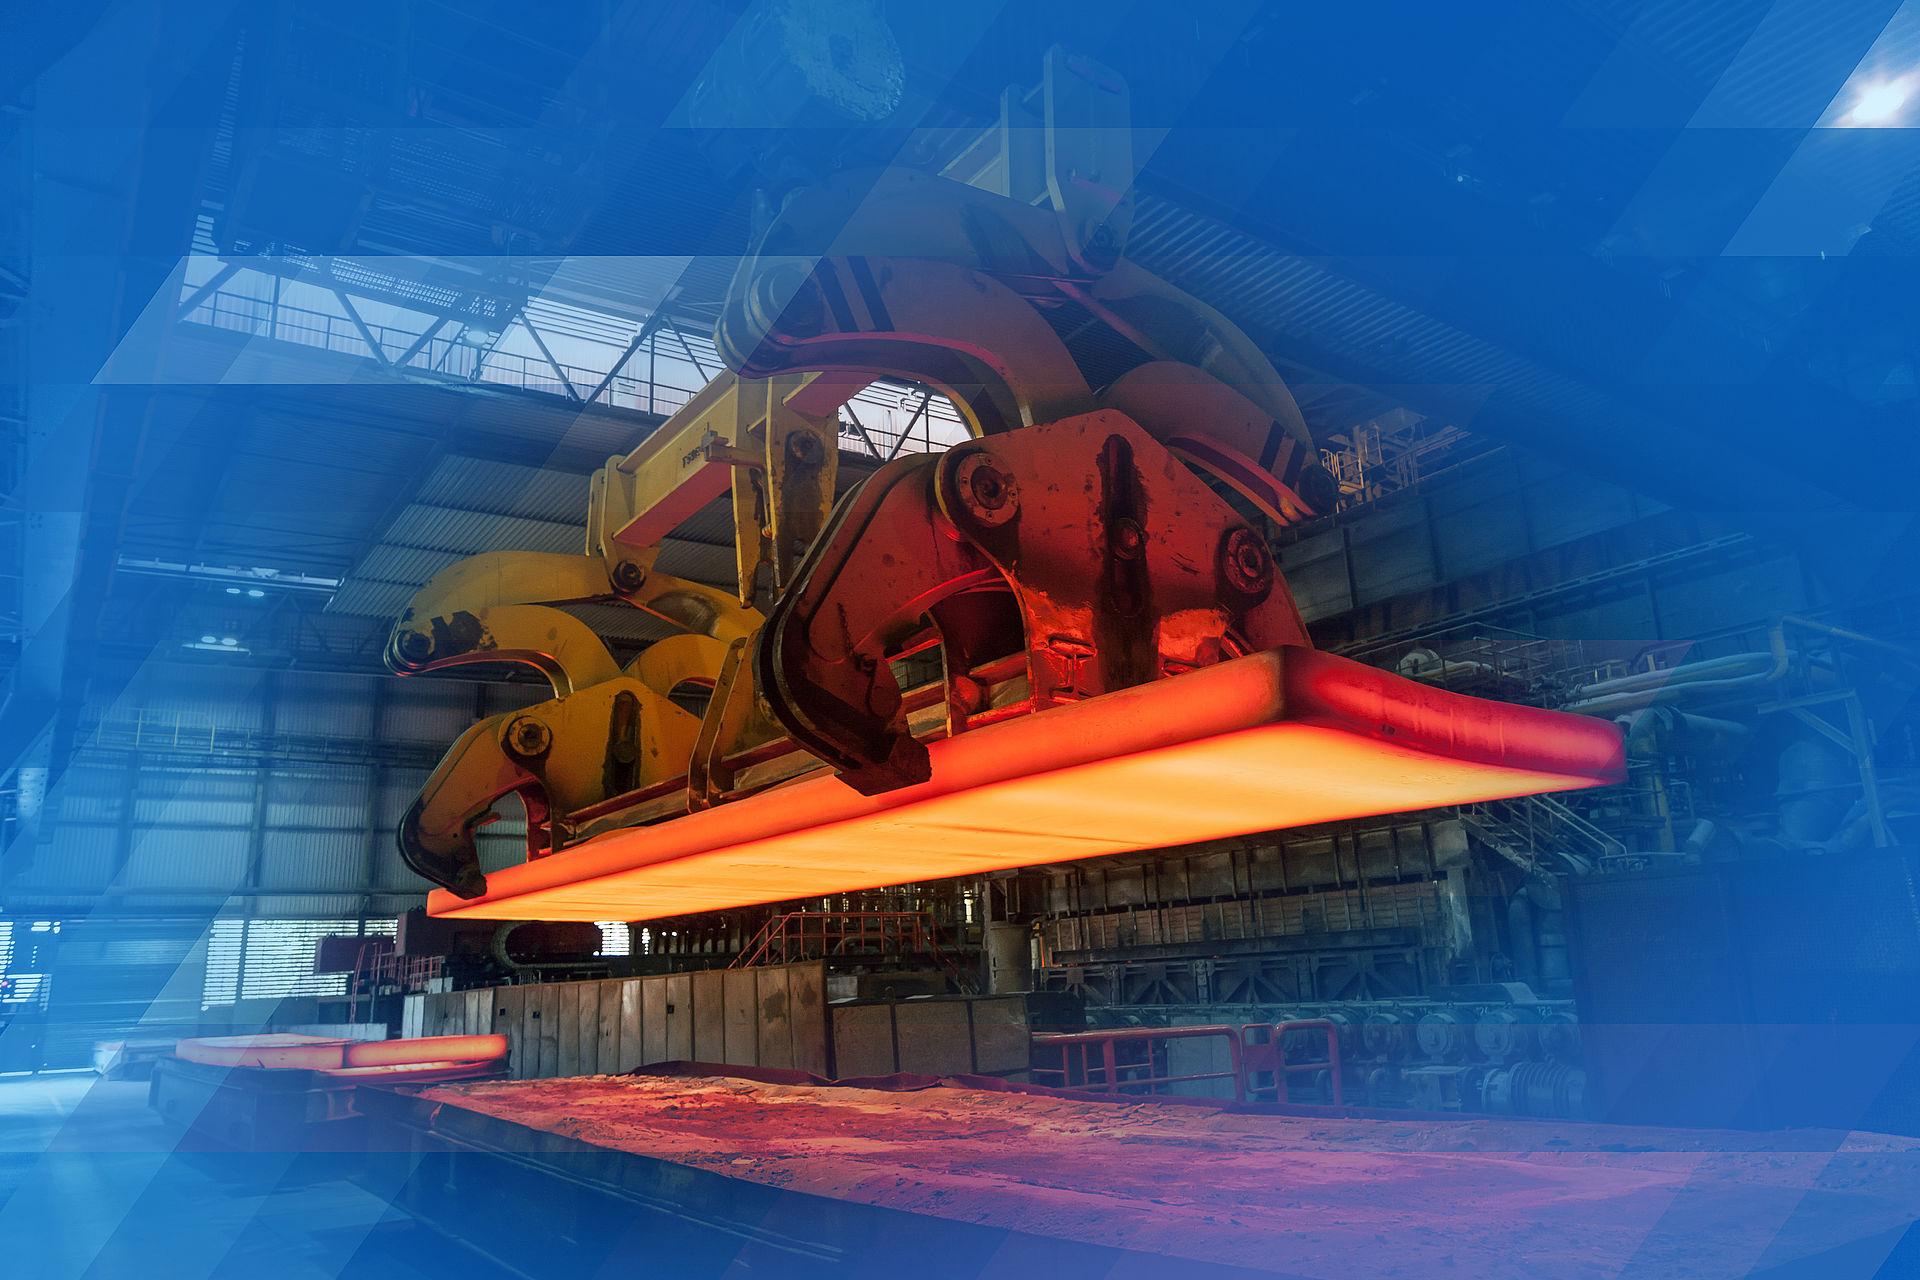 Energieketten, Leitungen, Förderer, Teleskopabdeckungen – Komponenten und Systeme von KABELSCHLEPP®, - die Ihre Maschine und Anlage nachhaltig verbessern.